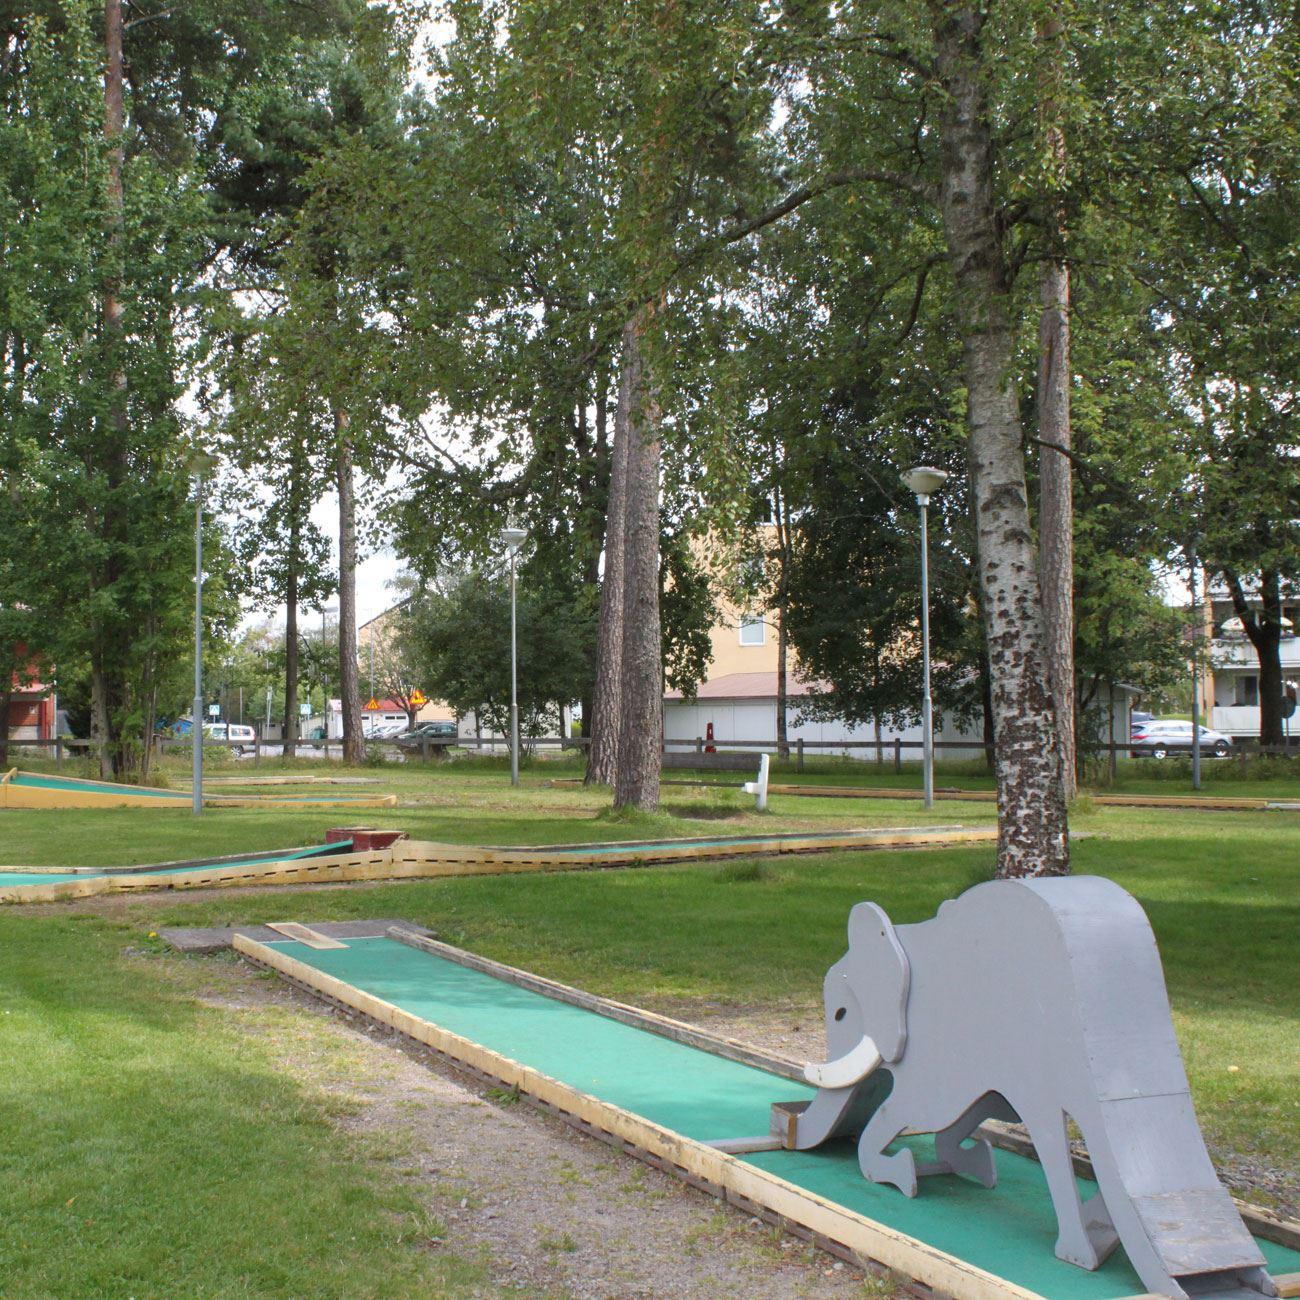 Foto: Värnamo Näringsliv AB,  © Värnamo Näringsliv AB , Folkets park